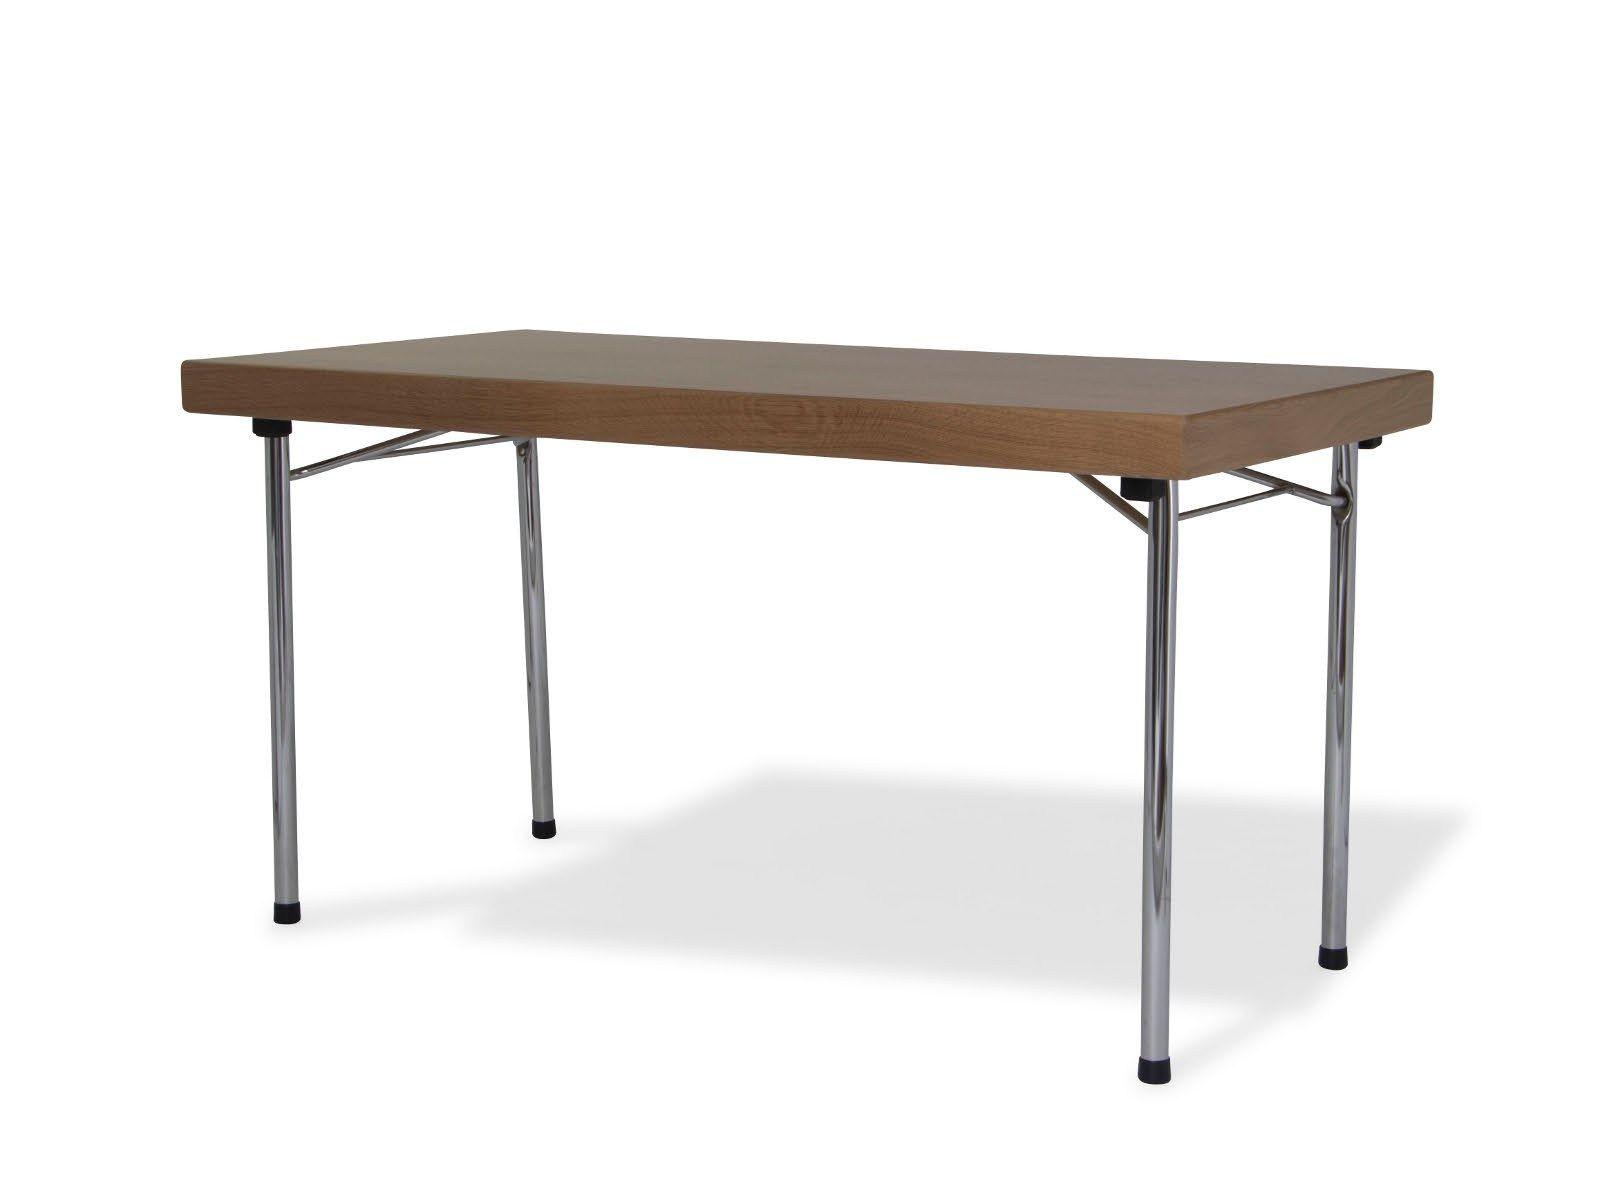 Tisch With S Tisch By WILDE+SPIETH Designmöbel Design Egon Eiermann Also  From